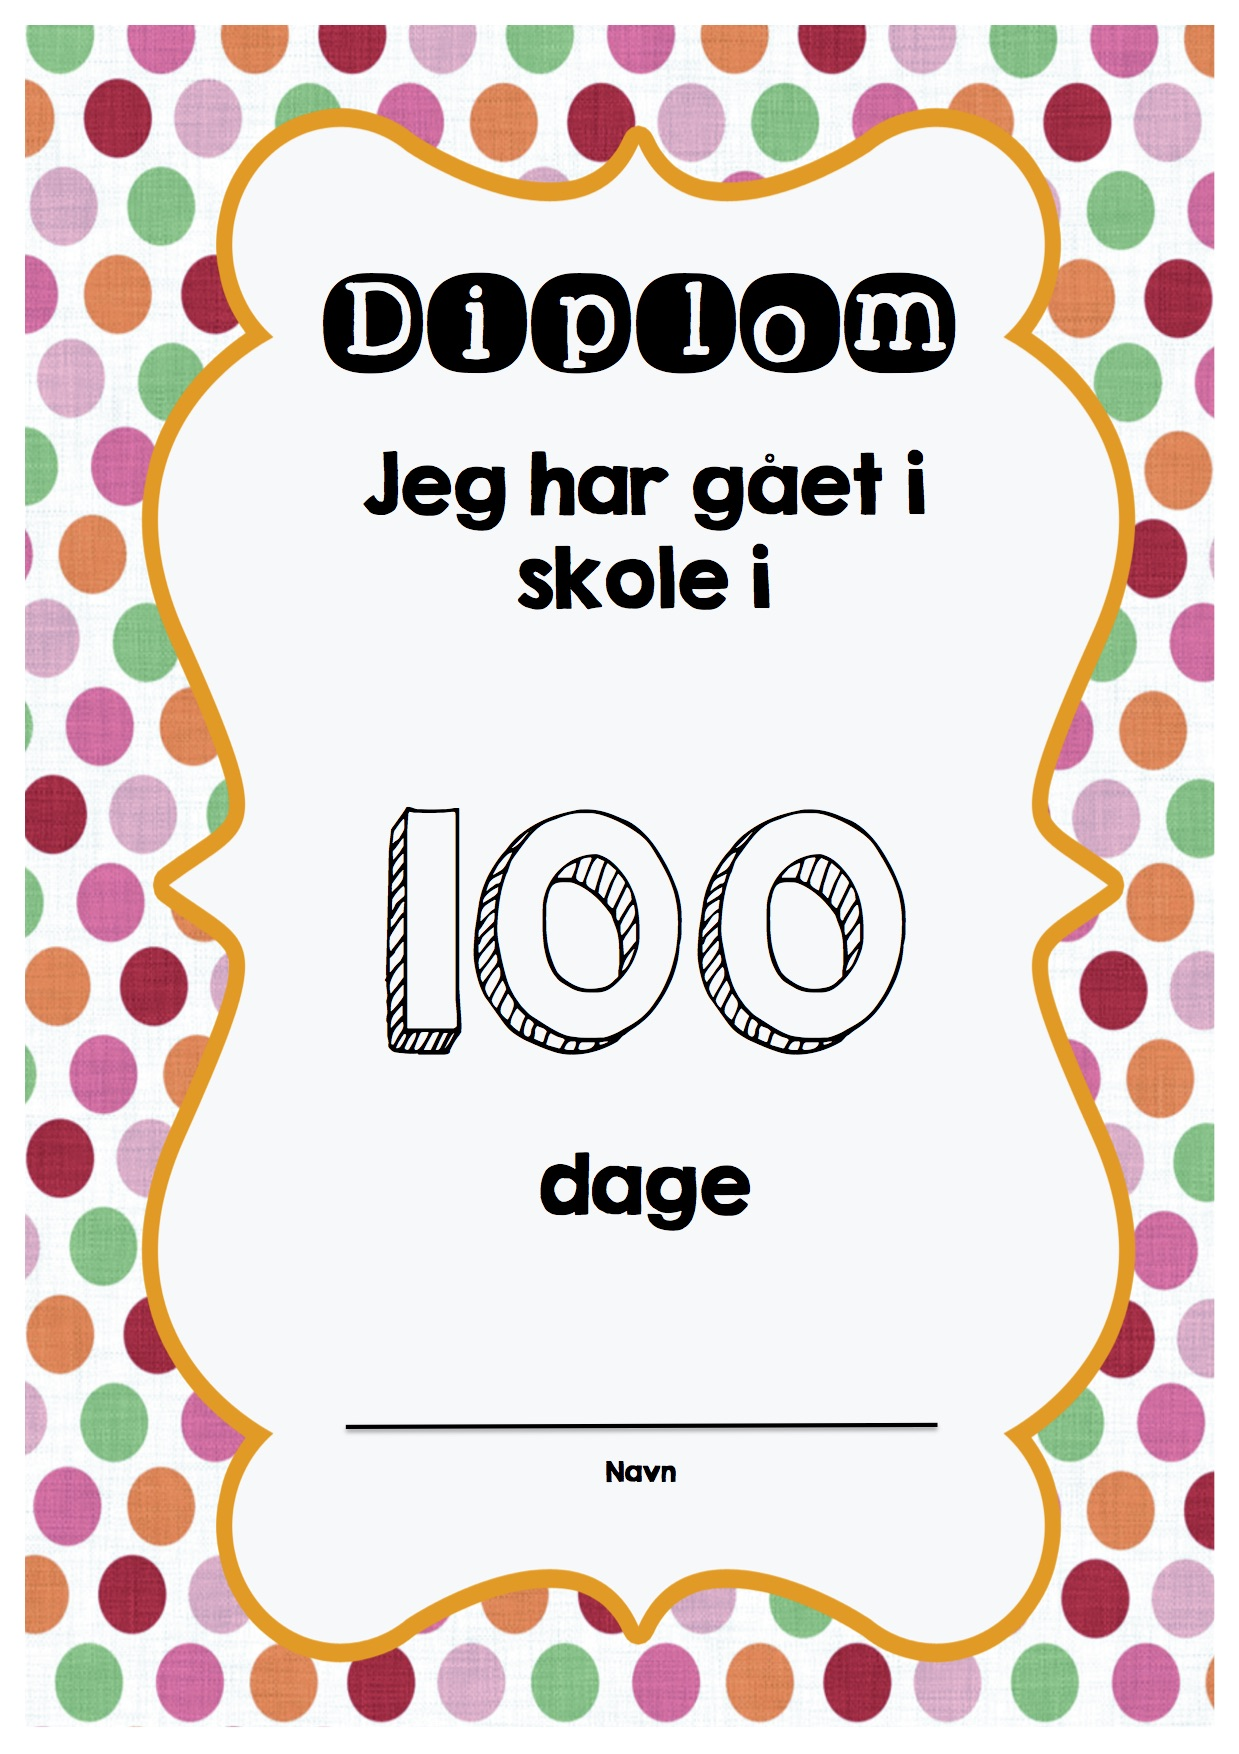 100 dages fest